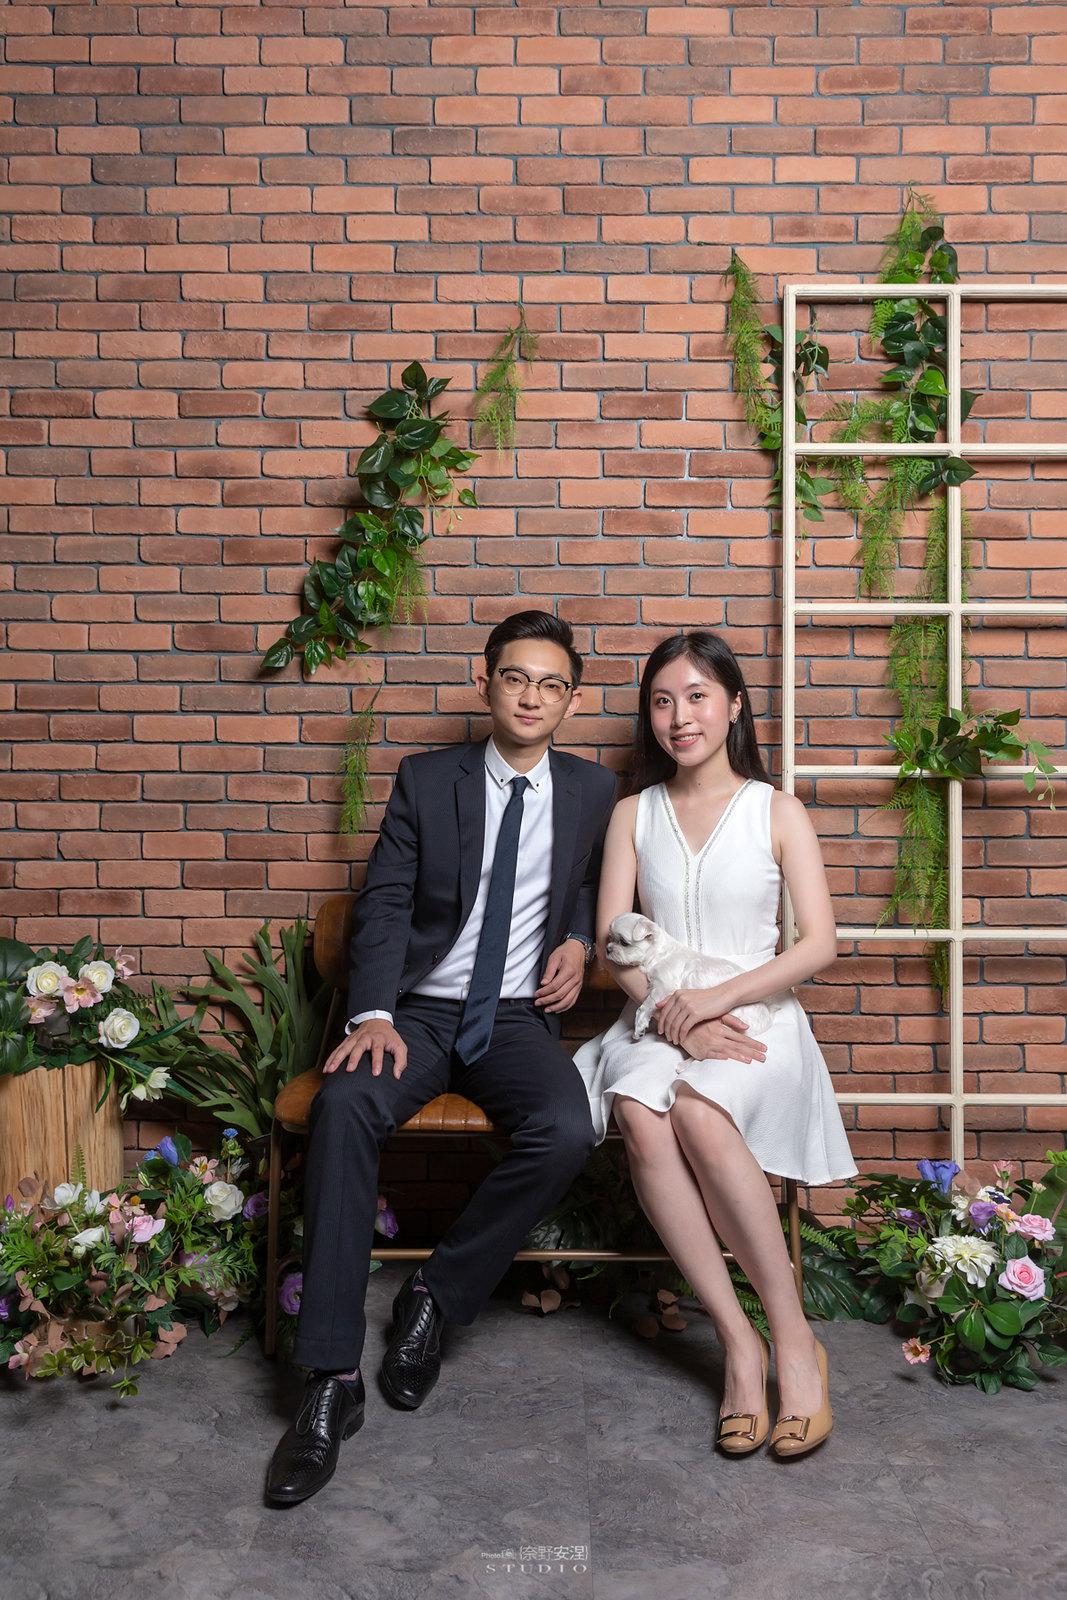 台南全家福 | 拋棄傳統合照的彆扭,忠實呈現家人間最親密的情感14